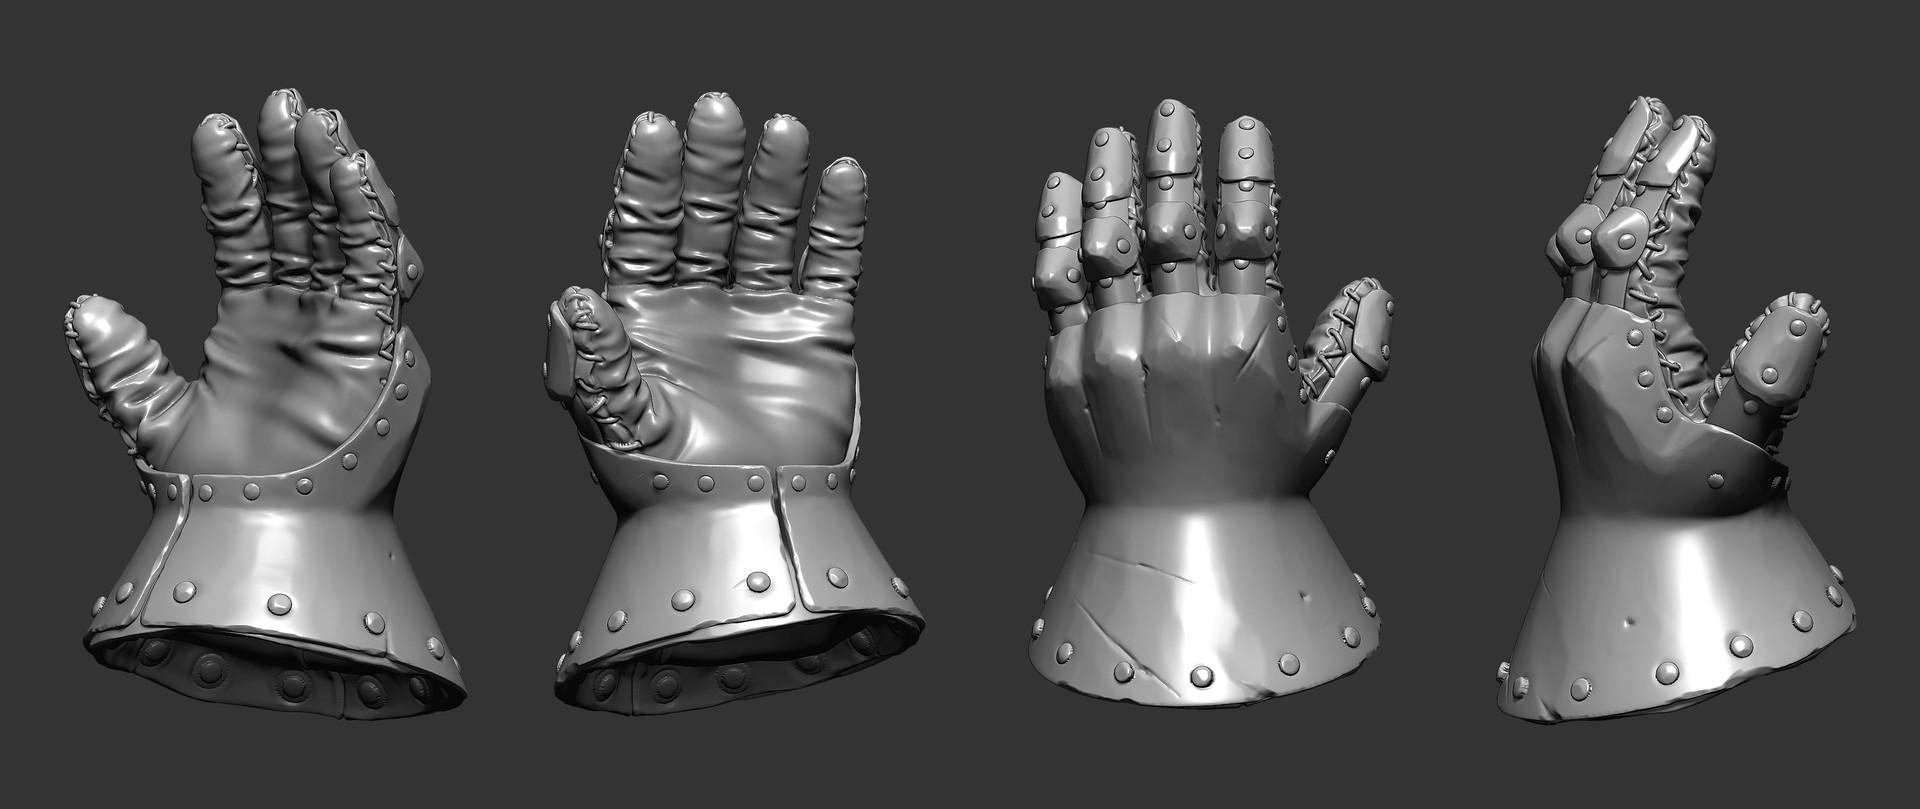 Petr sokolov artpity knight gloves side